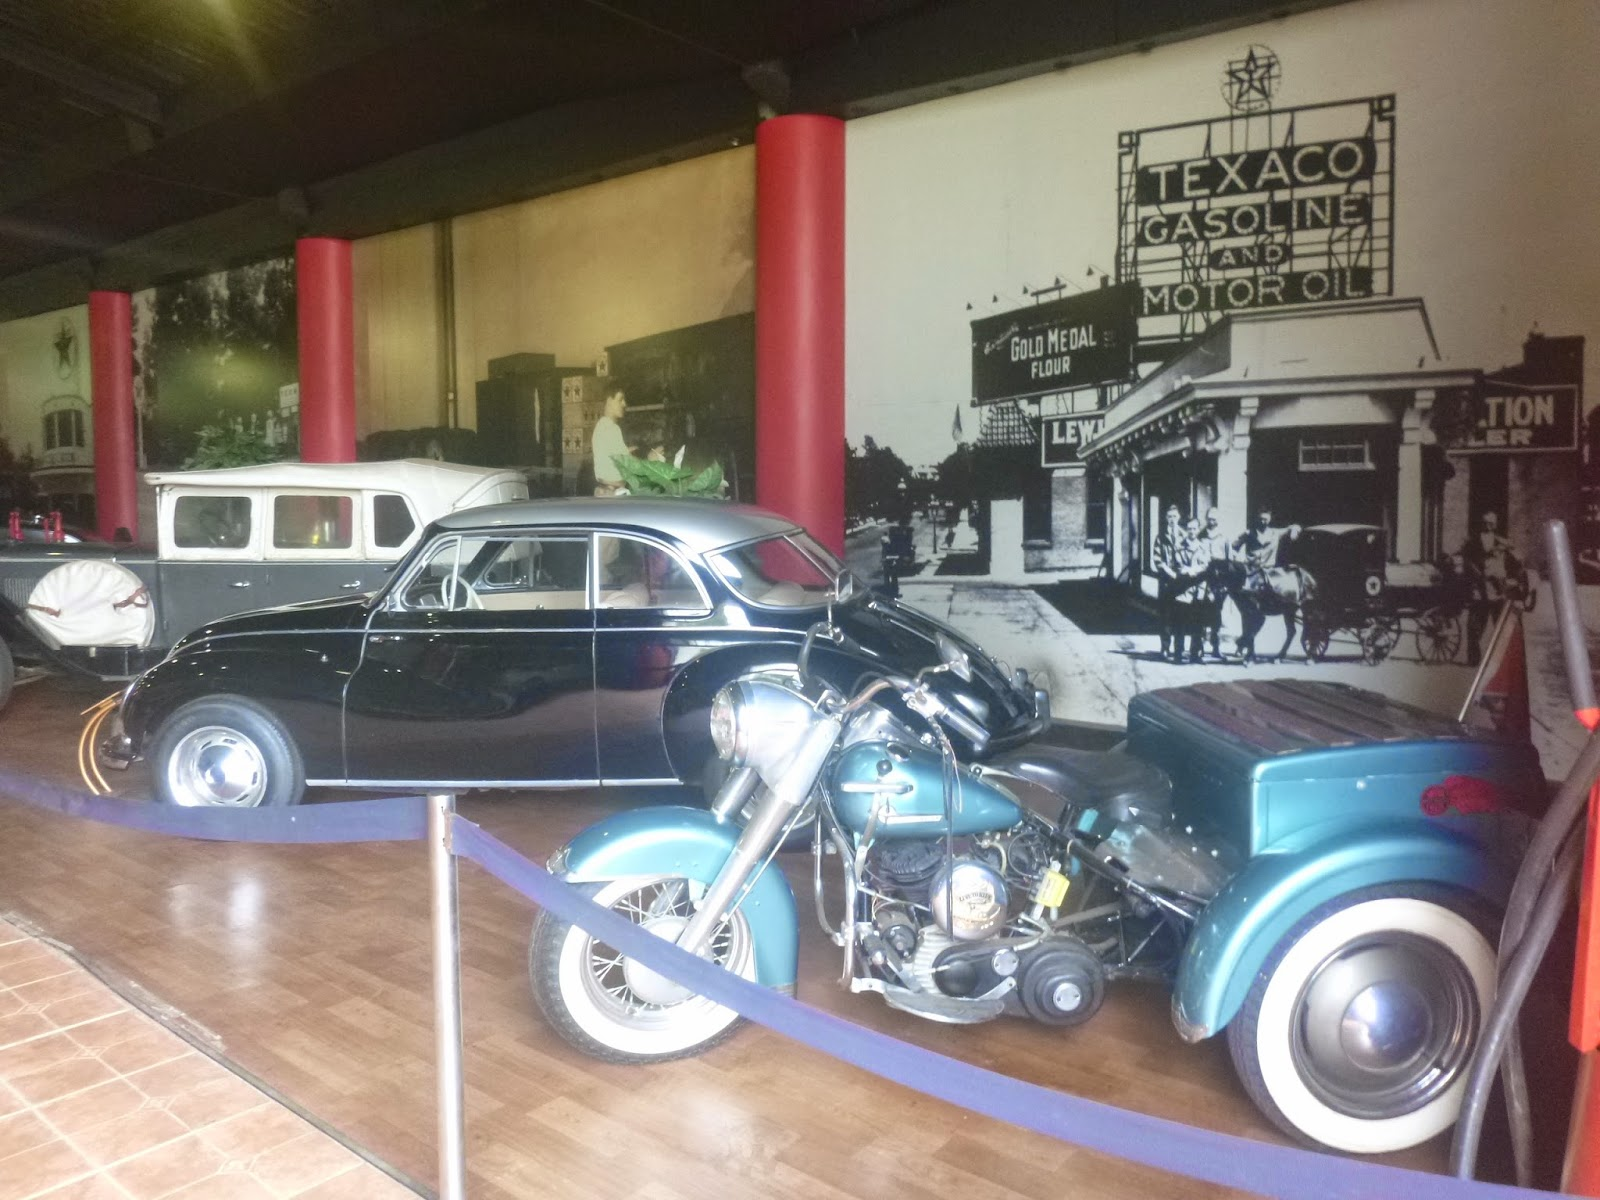 Museu do automóvel - Parque Barigui - Curitiba - VIAJAR